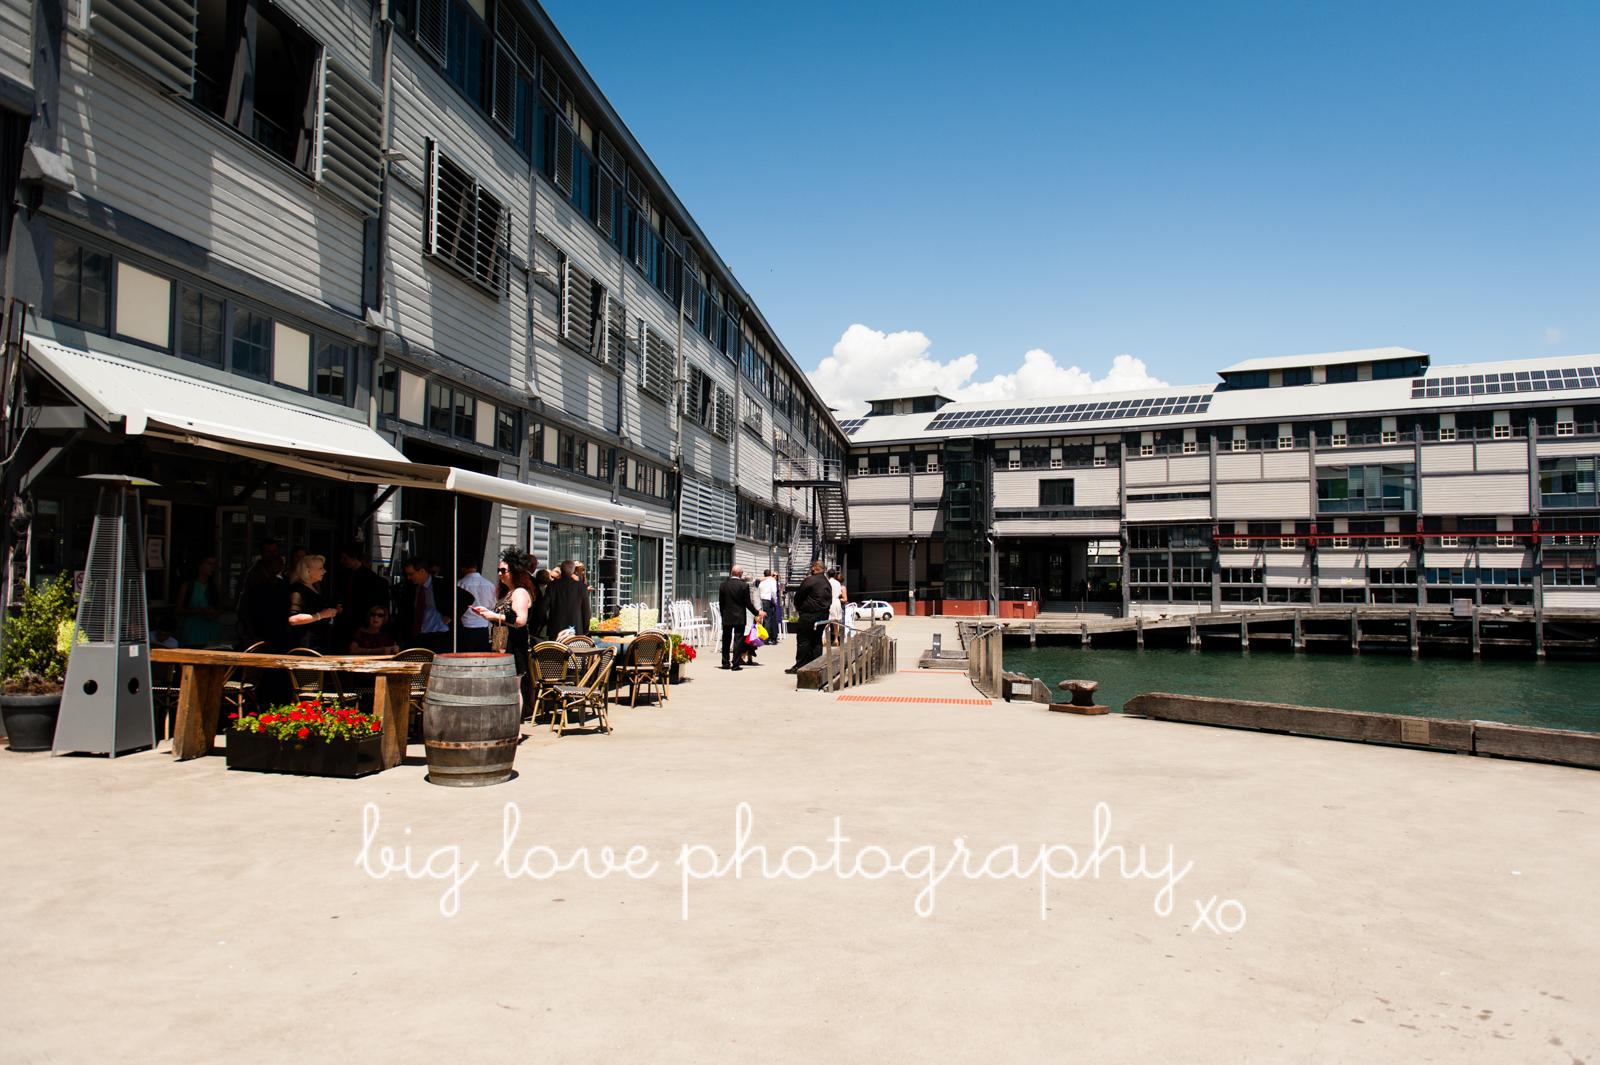 sydneyweddingphotographer-7016.jpg